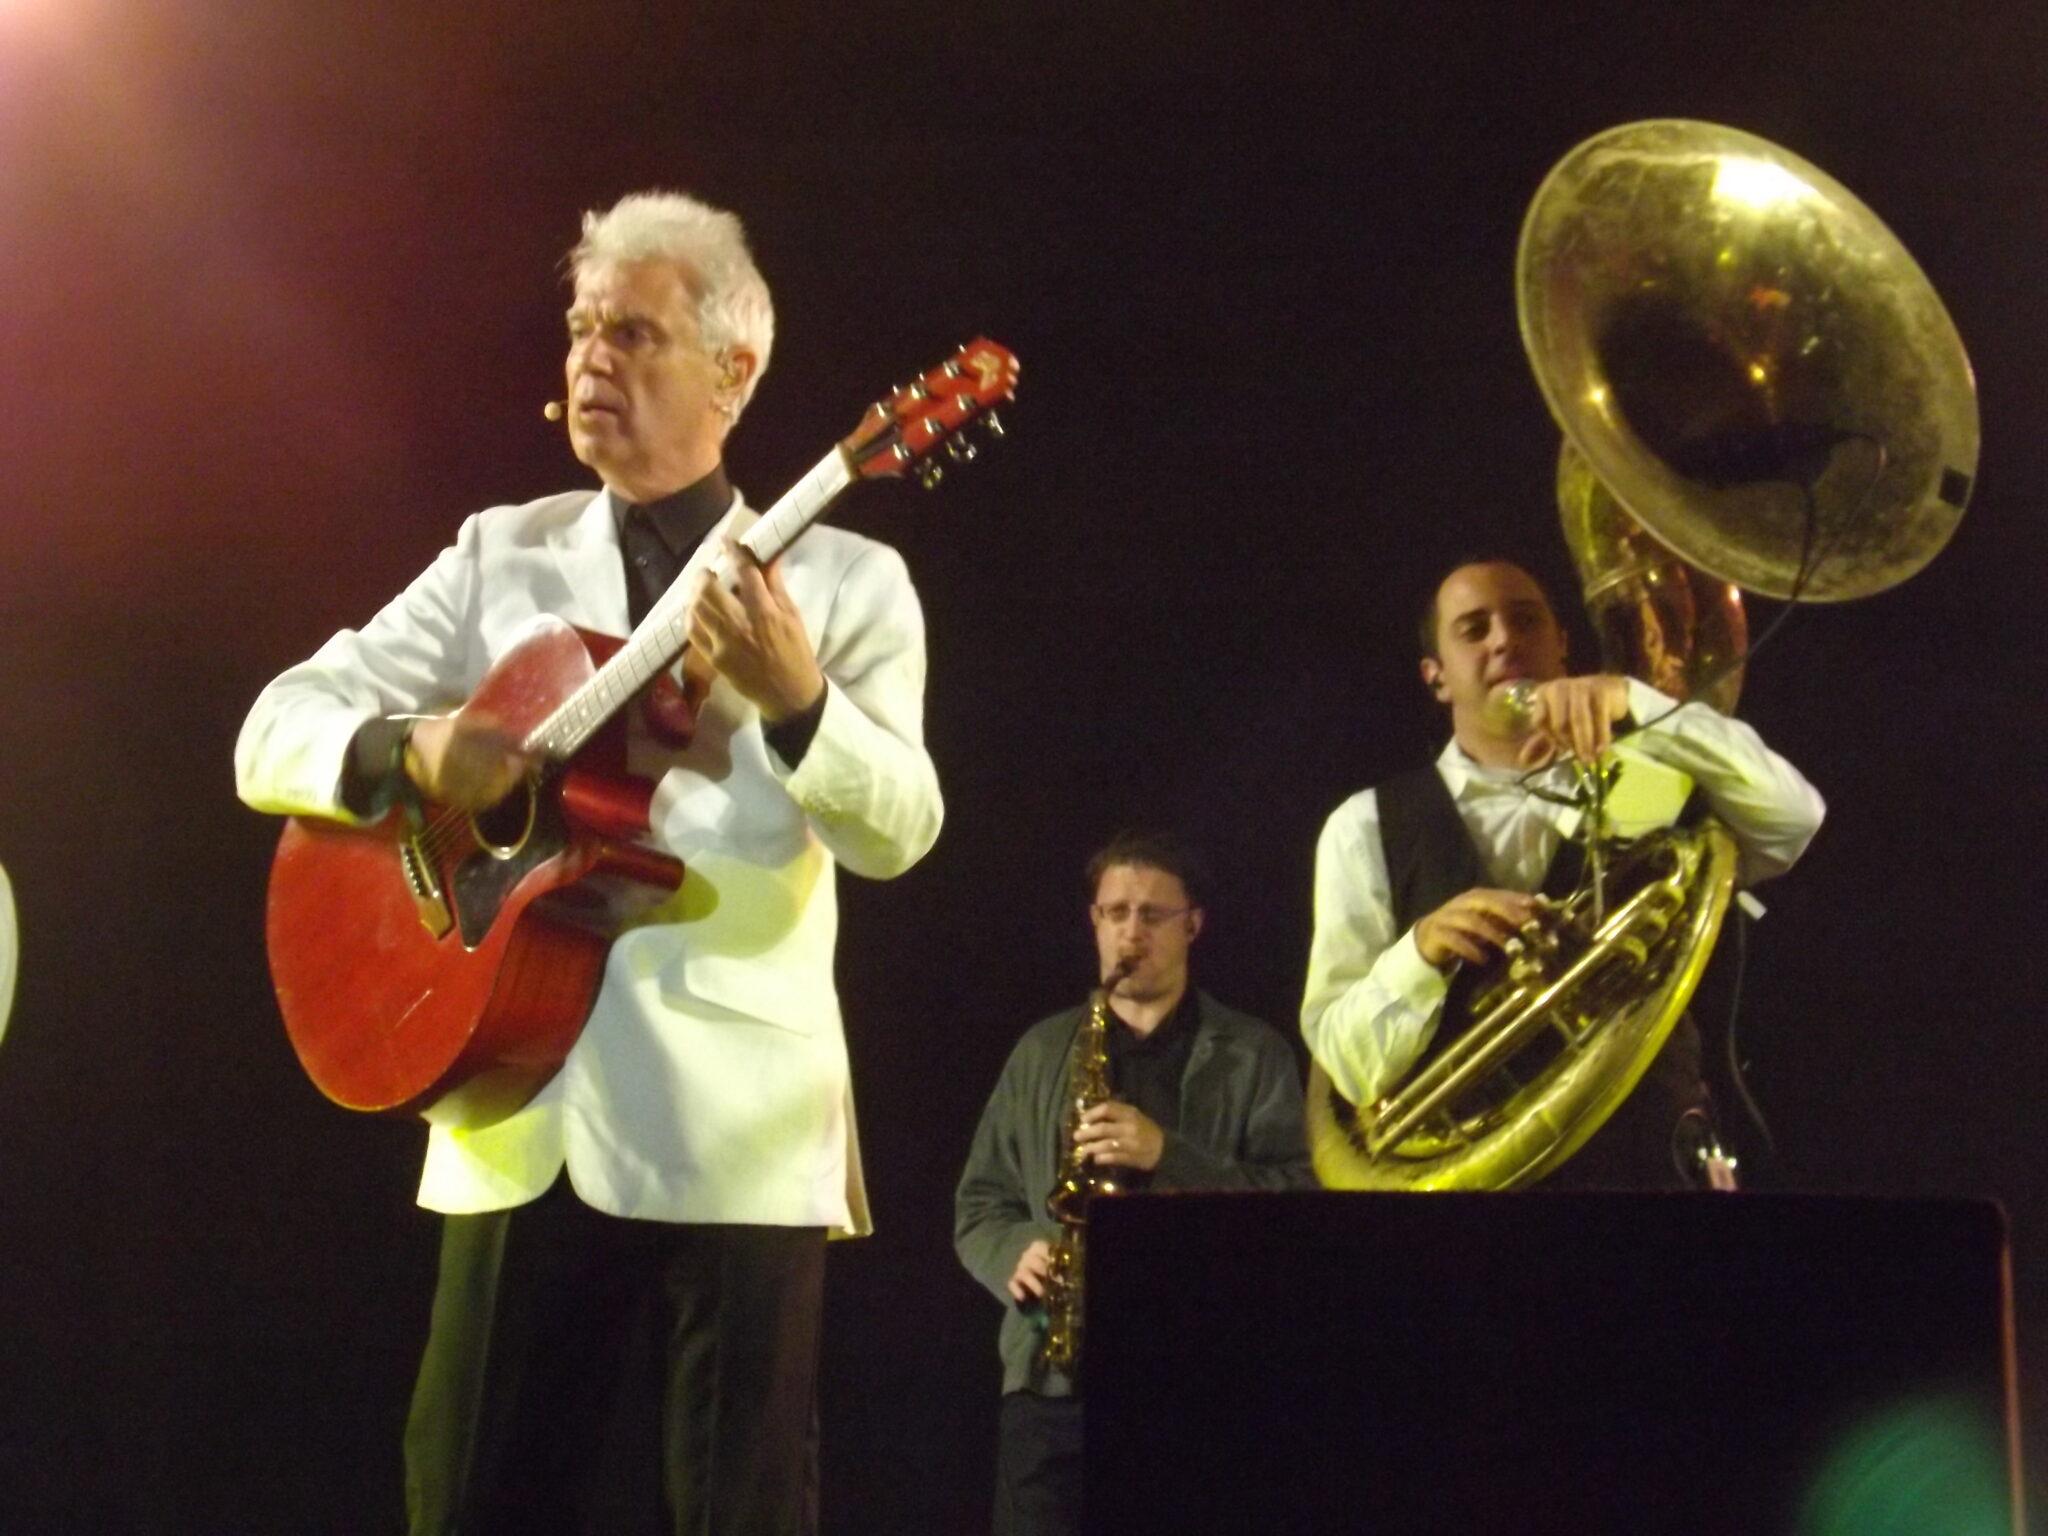 David Byrne sings on stage